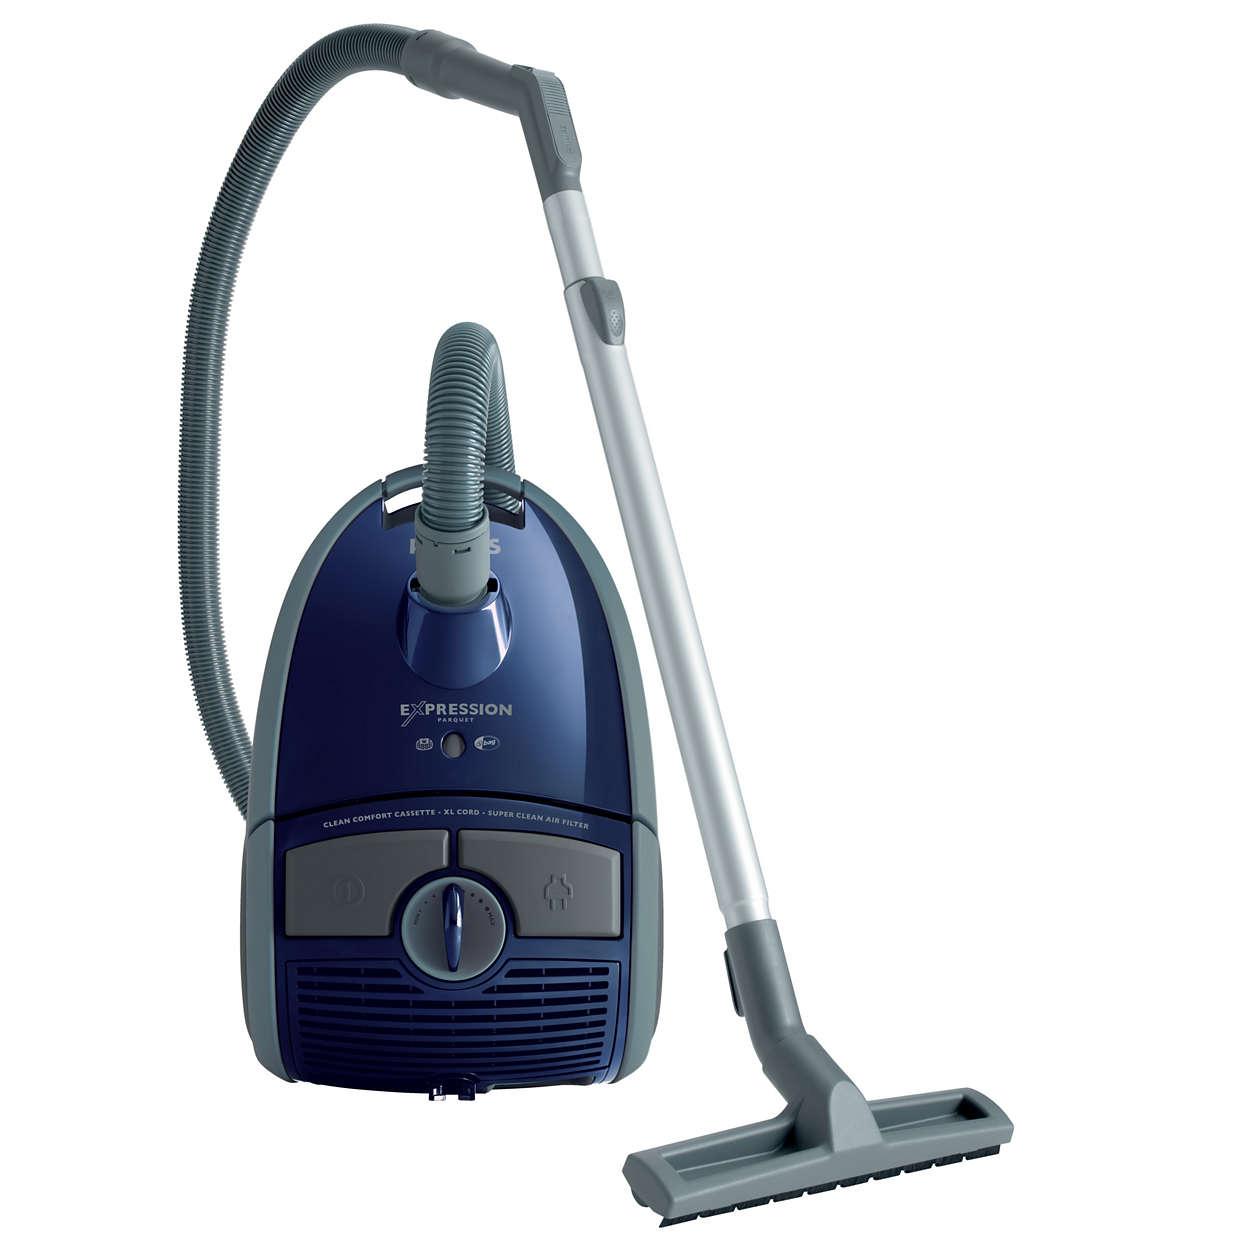 Ottimi risultati di pulizia e convenienza